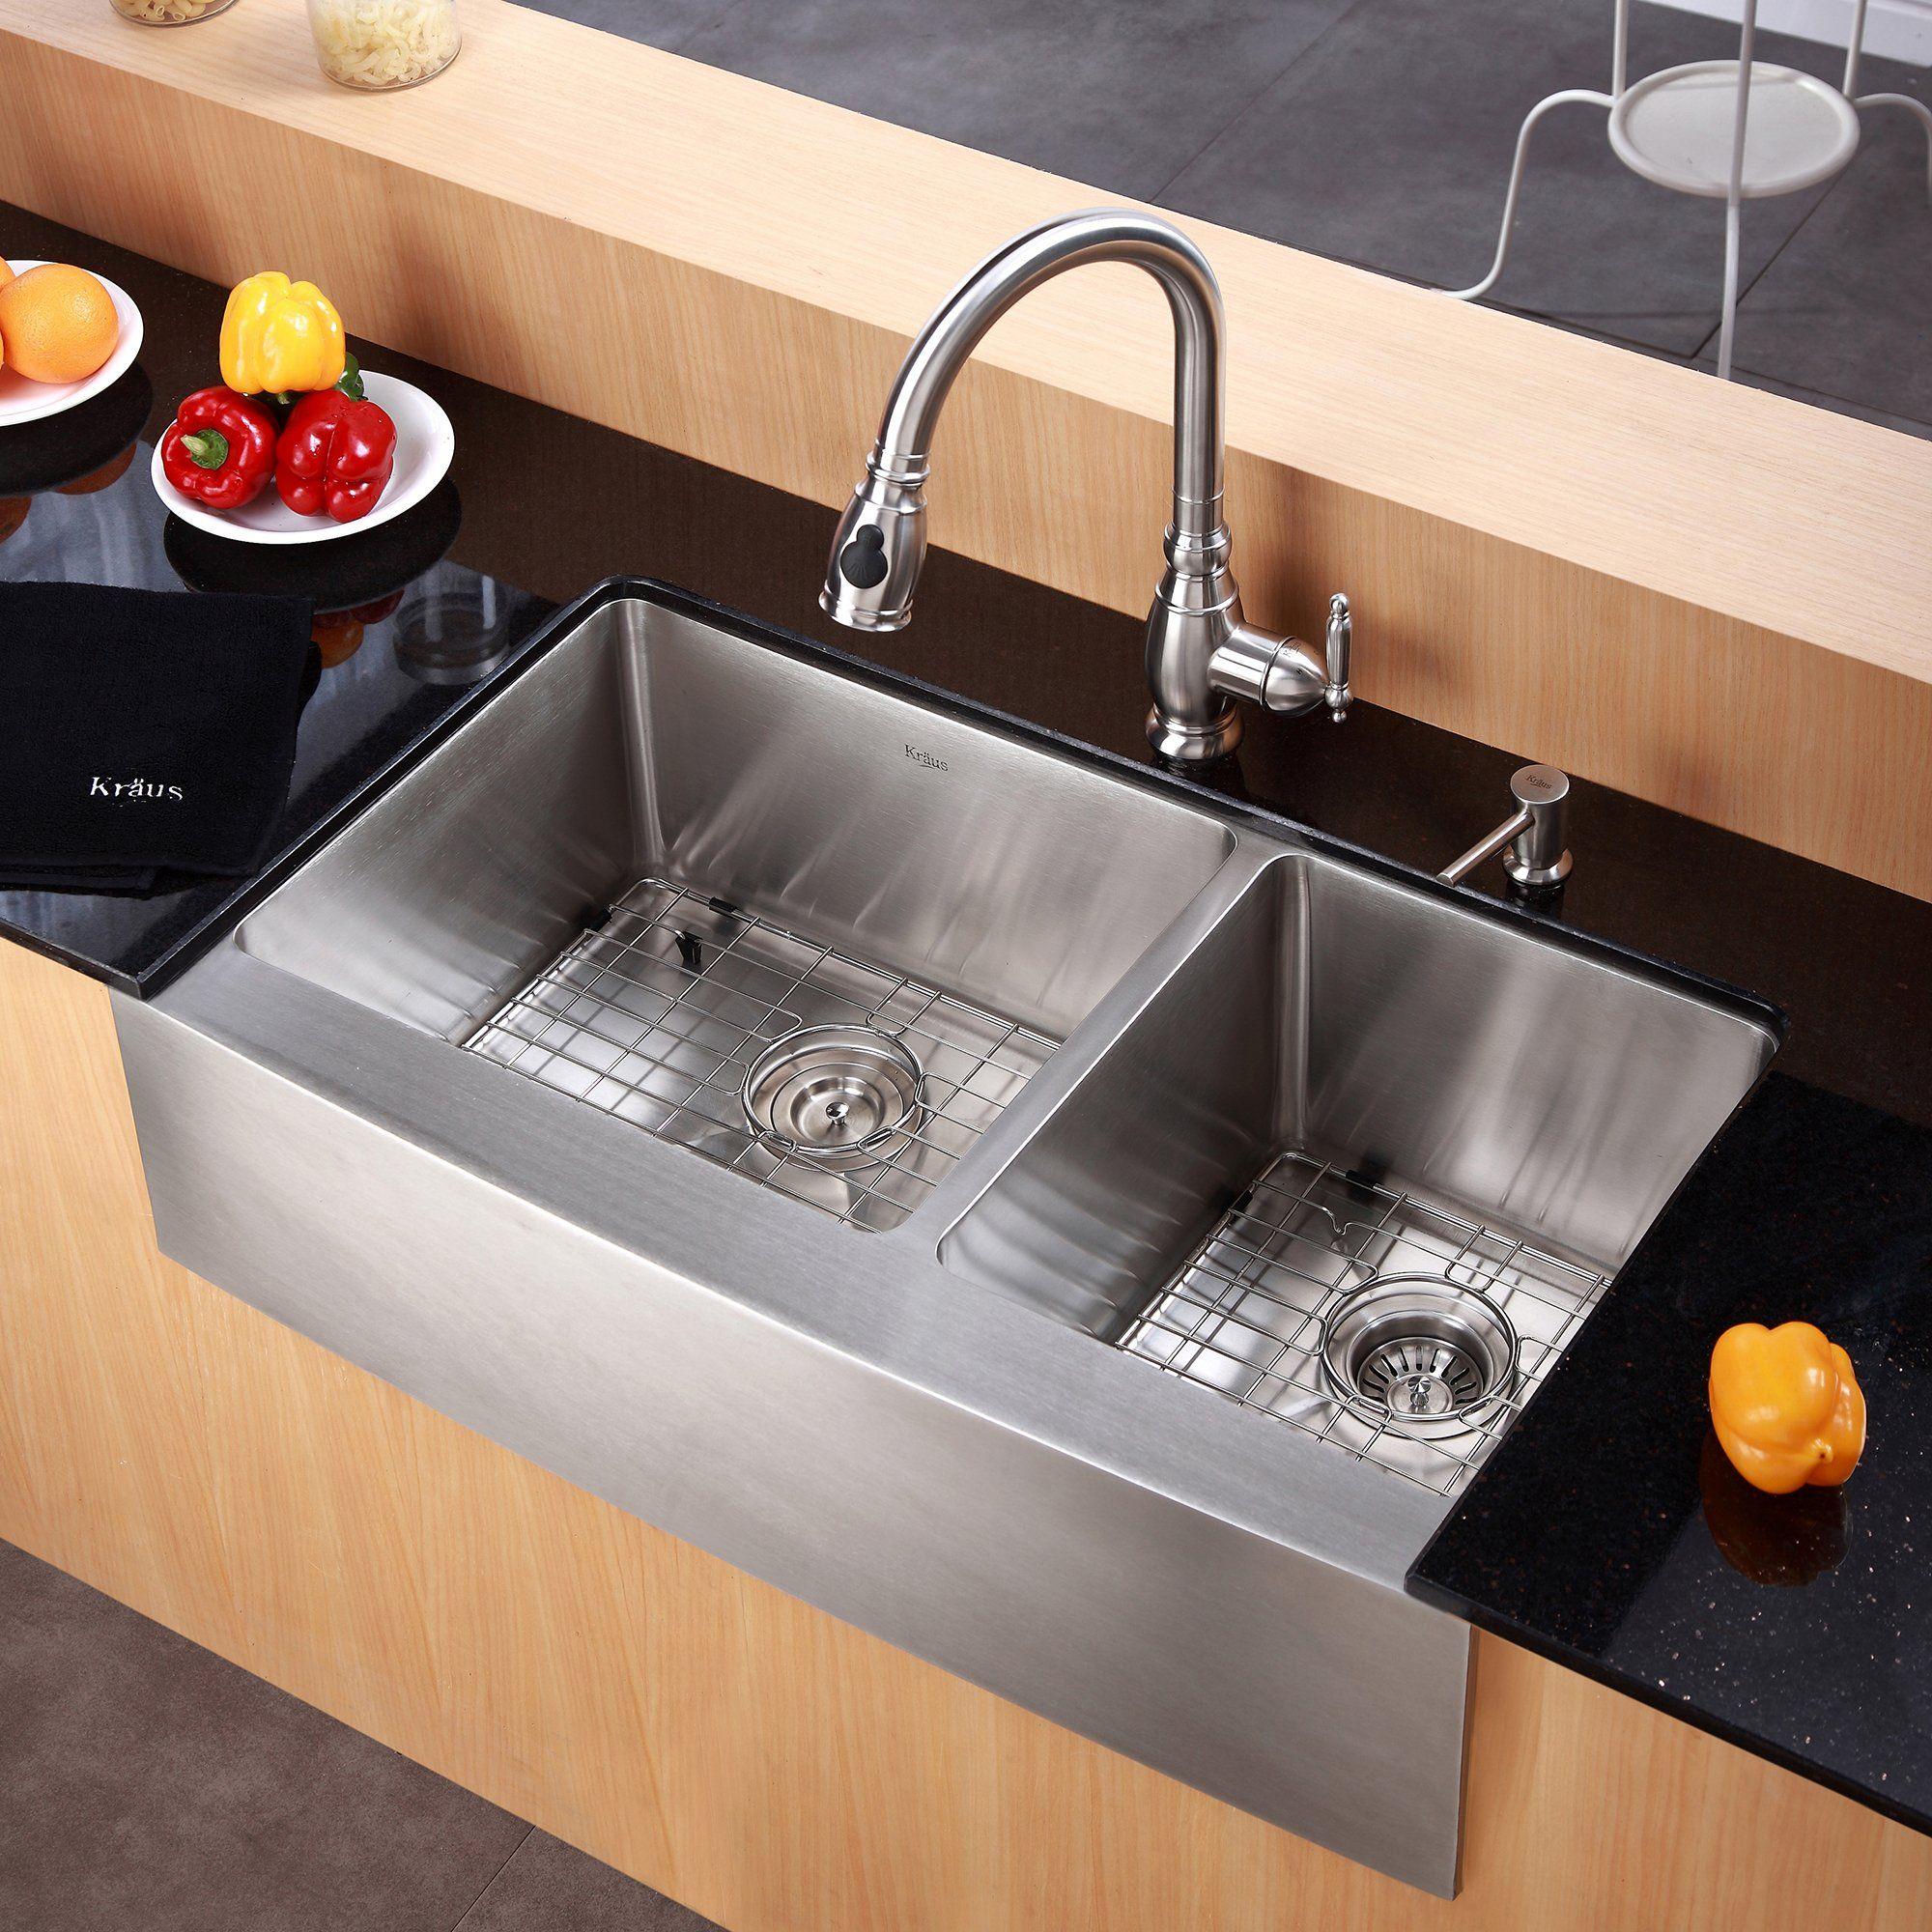 Amazon Com Kraus Khf203 36 36 Inch Farmhouse Apron 60 40 Double Bowl 16 Gauge Stainless Steel Ki Farmhouse Sink Kitchen Kitchen Sink Design Kitchen Sink Decor